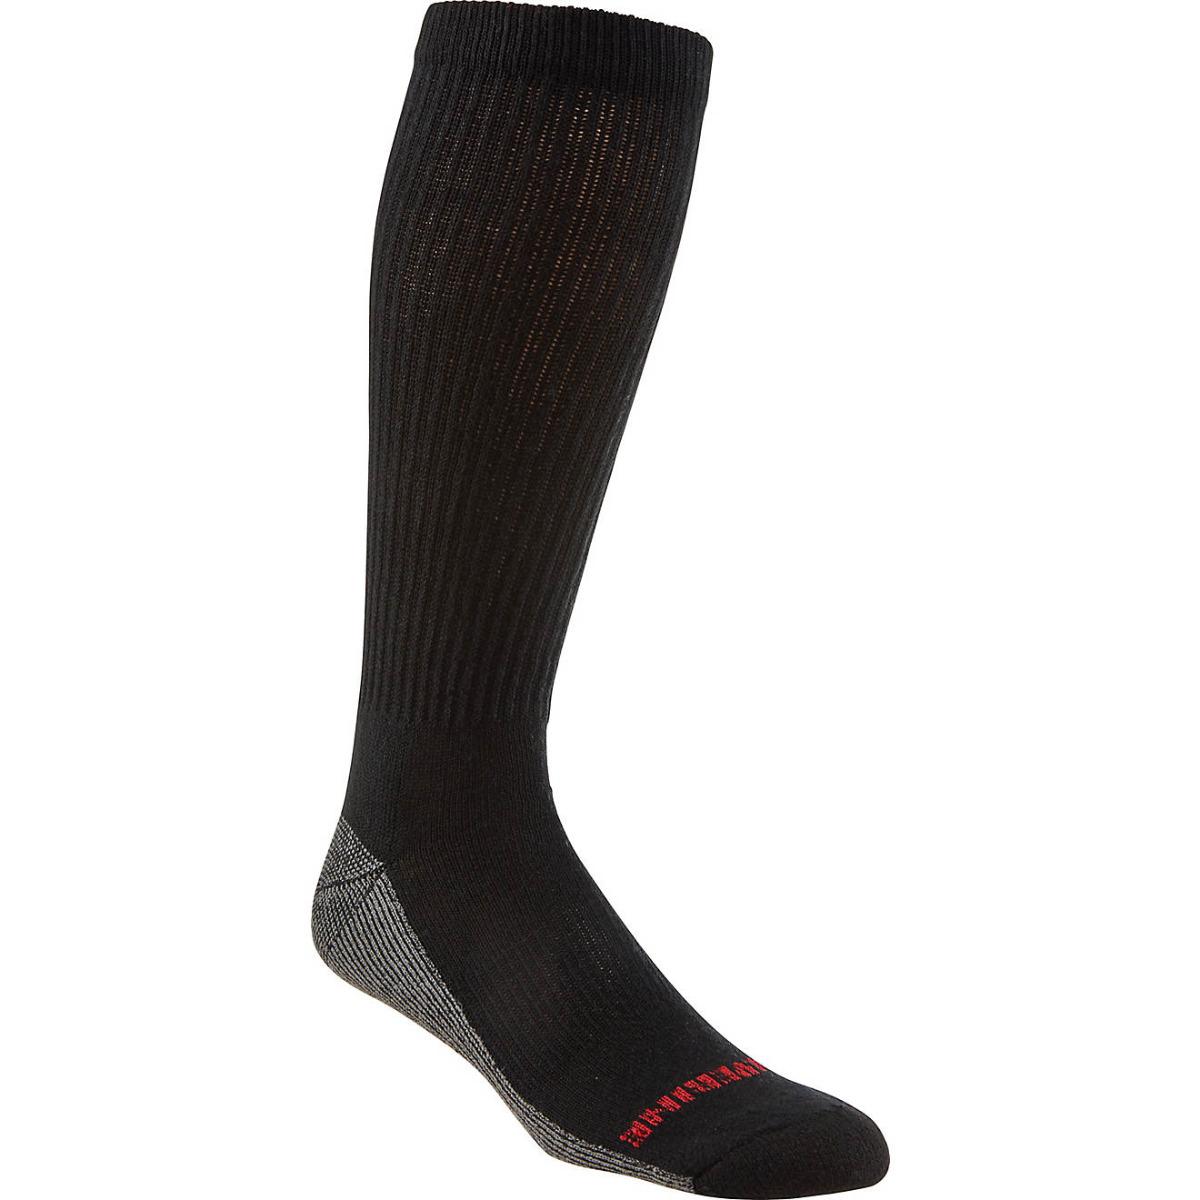 Wolverine Men's Over-the-Calf Steel Toe Boot Socks 6 Pack